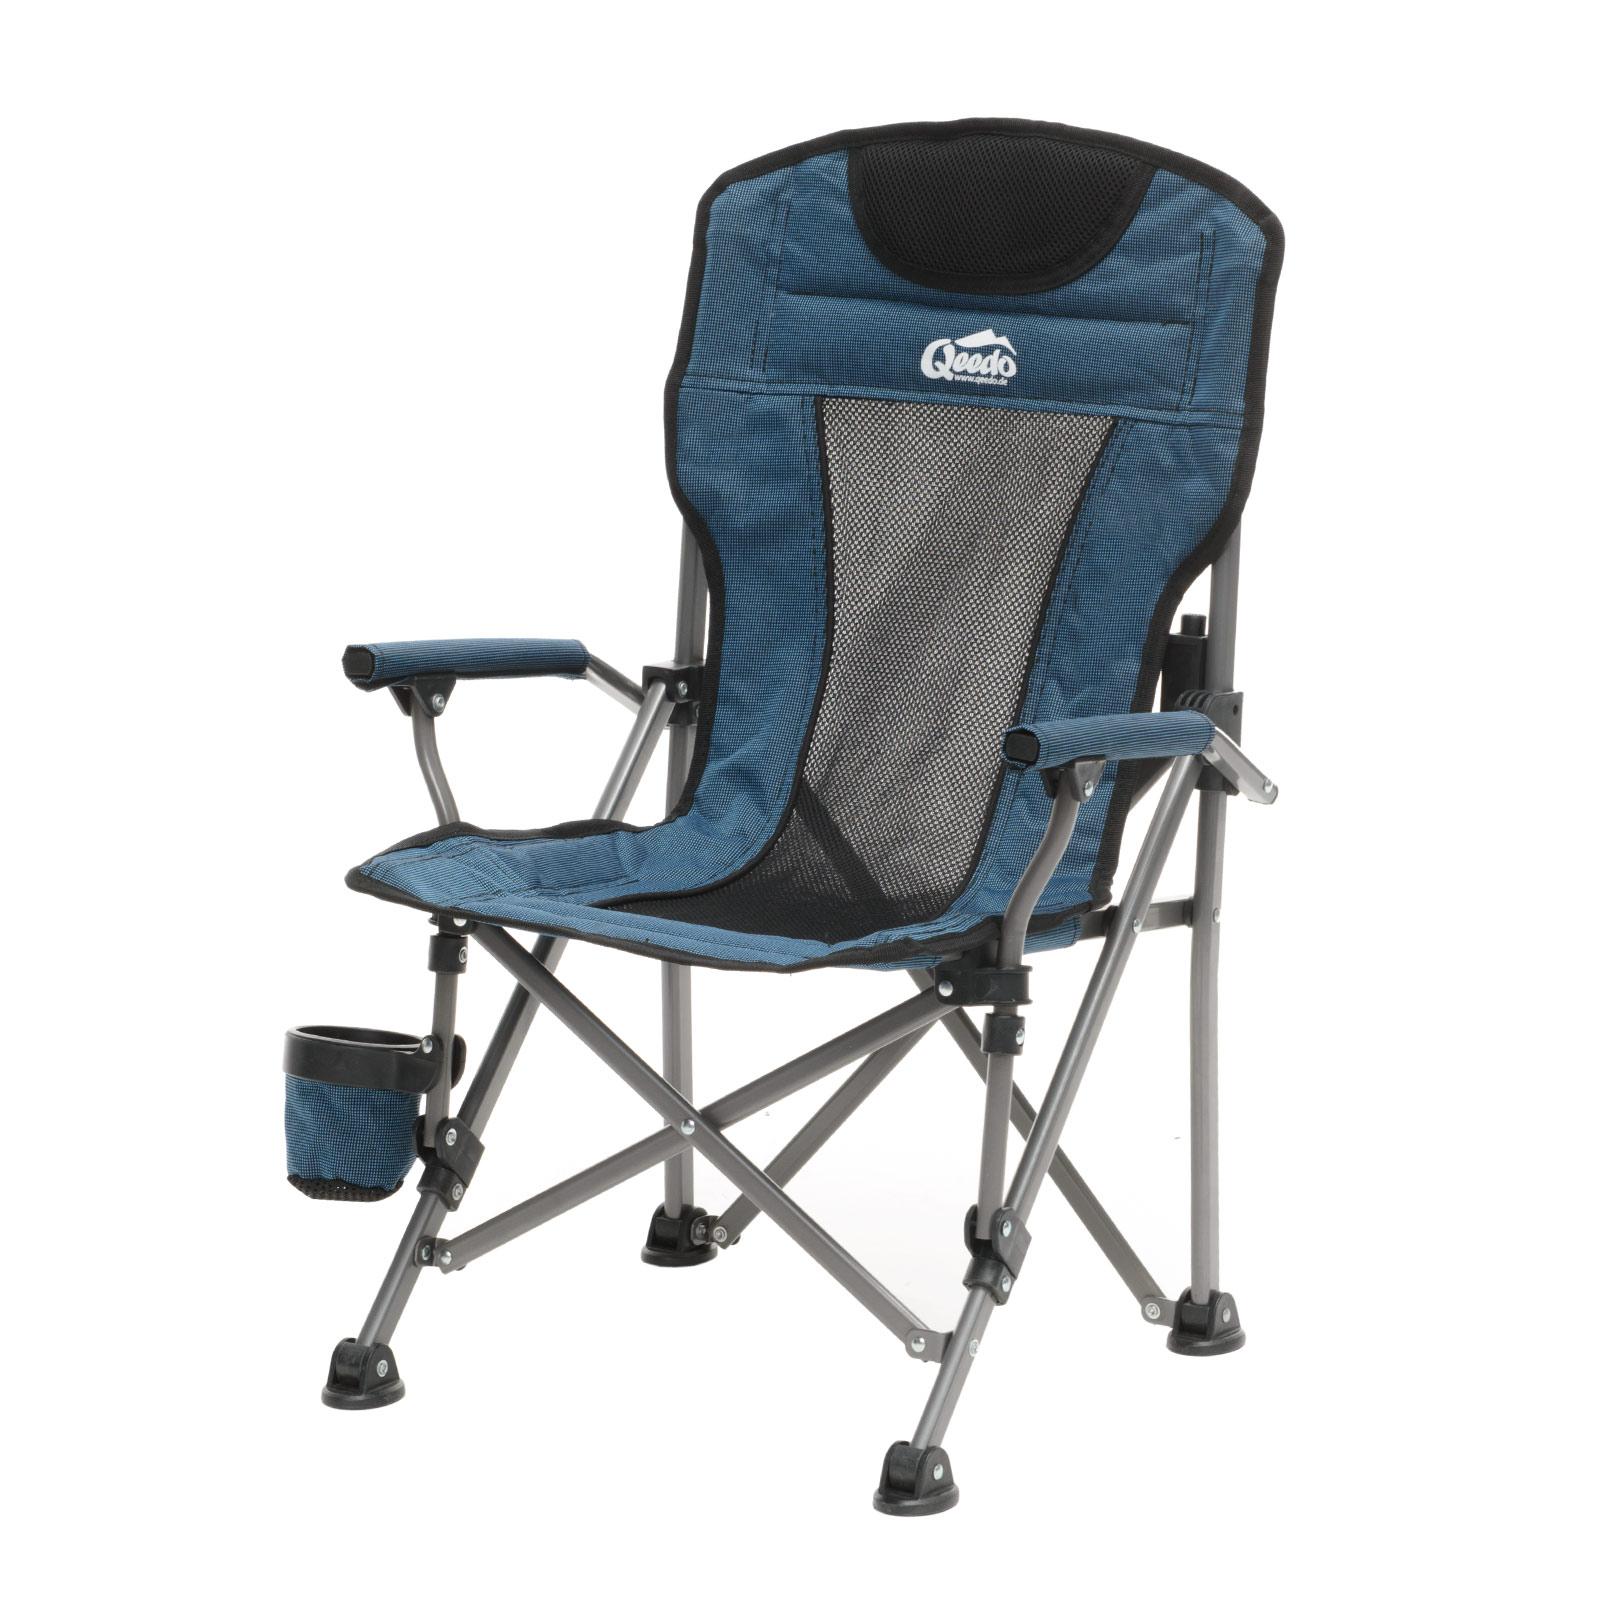 kinder campingstuhl qeedo johnny junior kinder faltstuhl. Black Bedroom Furniture Sets. Home Design Ideas